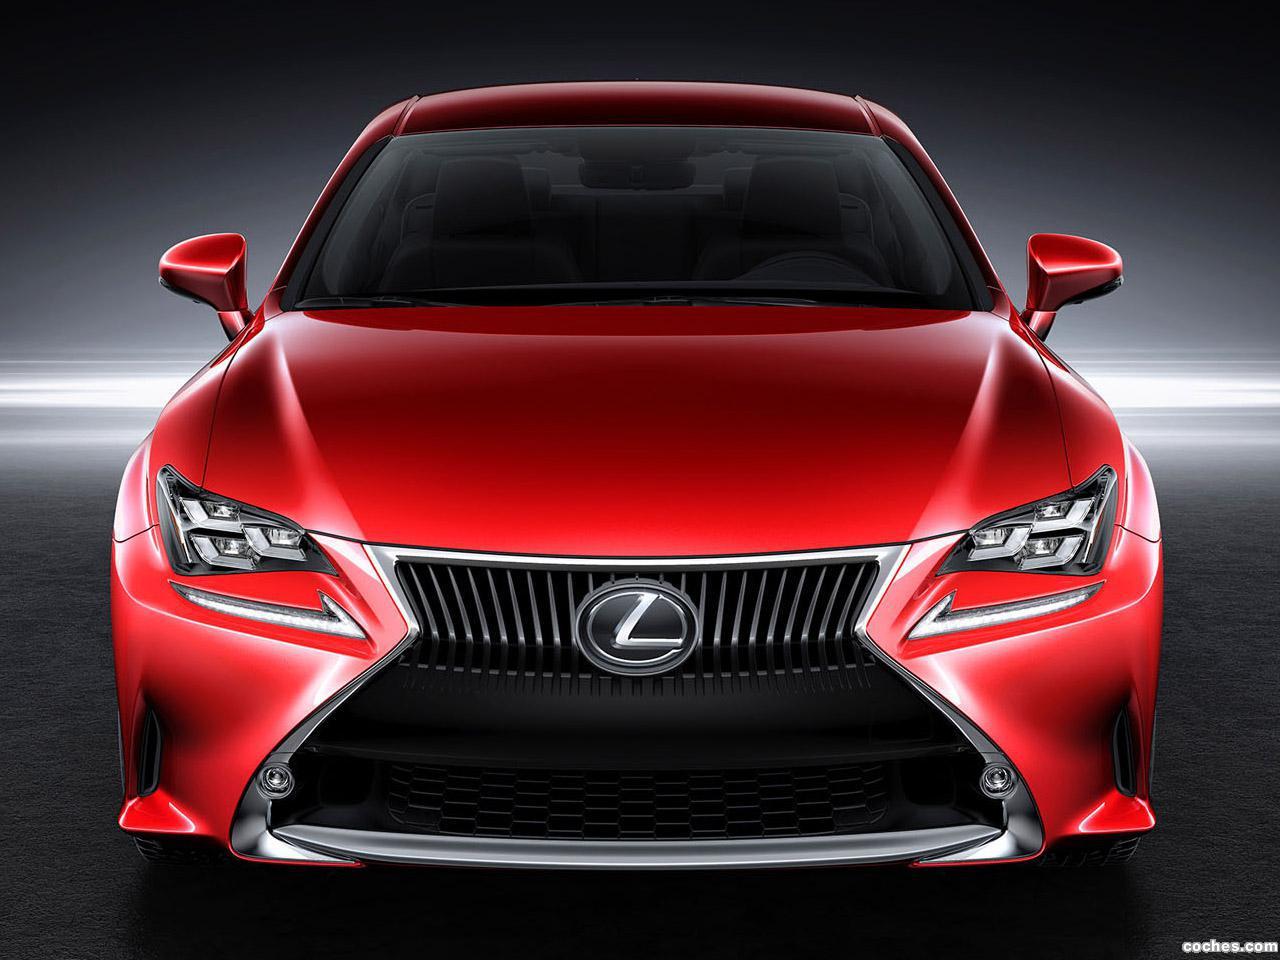 Foto 0 de Lexus RC 300h Japan 2014